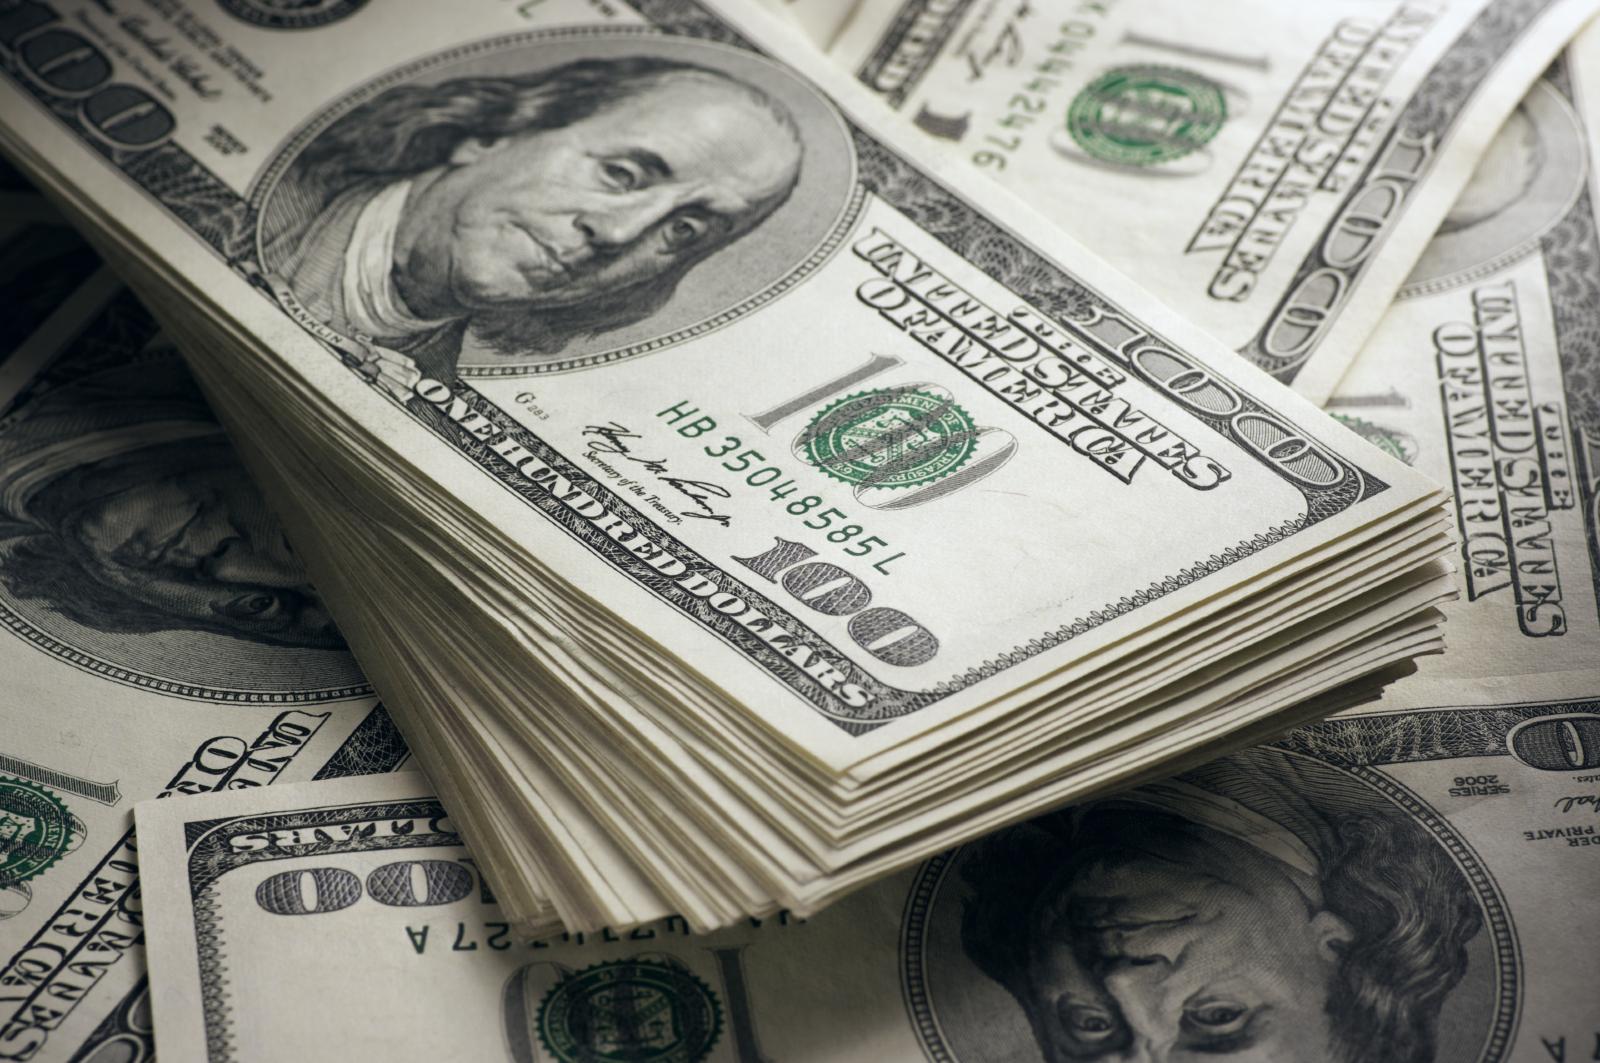 سعر الدولار اليوم الإثنين 7 يونيو 2021 مقابل الجنيه المصري وتوقعات أسعار العملة الأمريكية 6